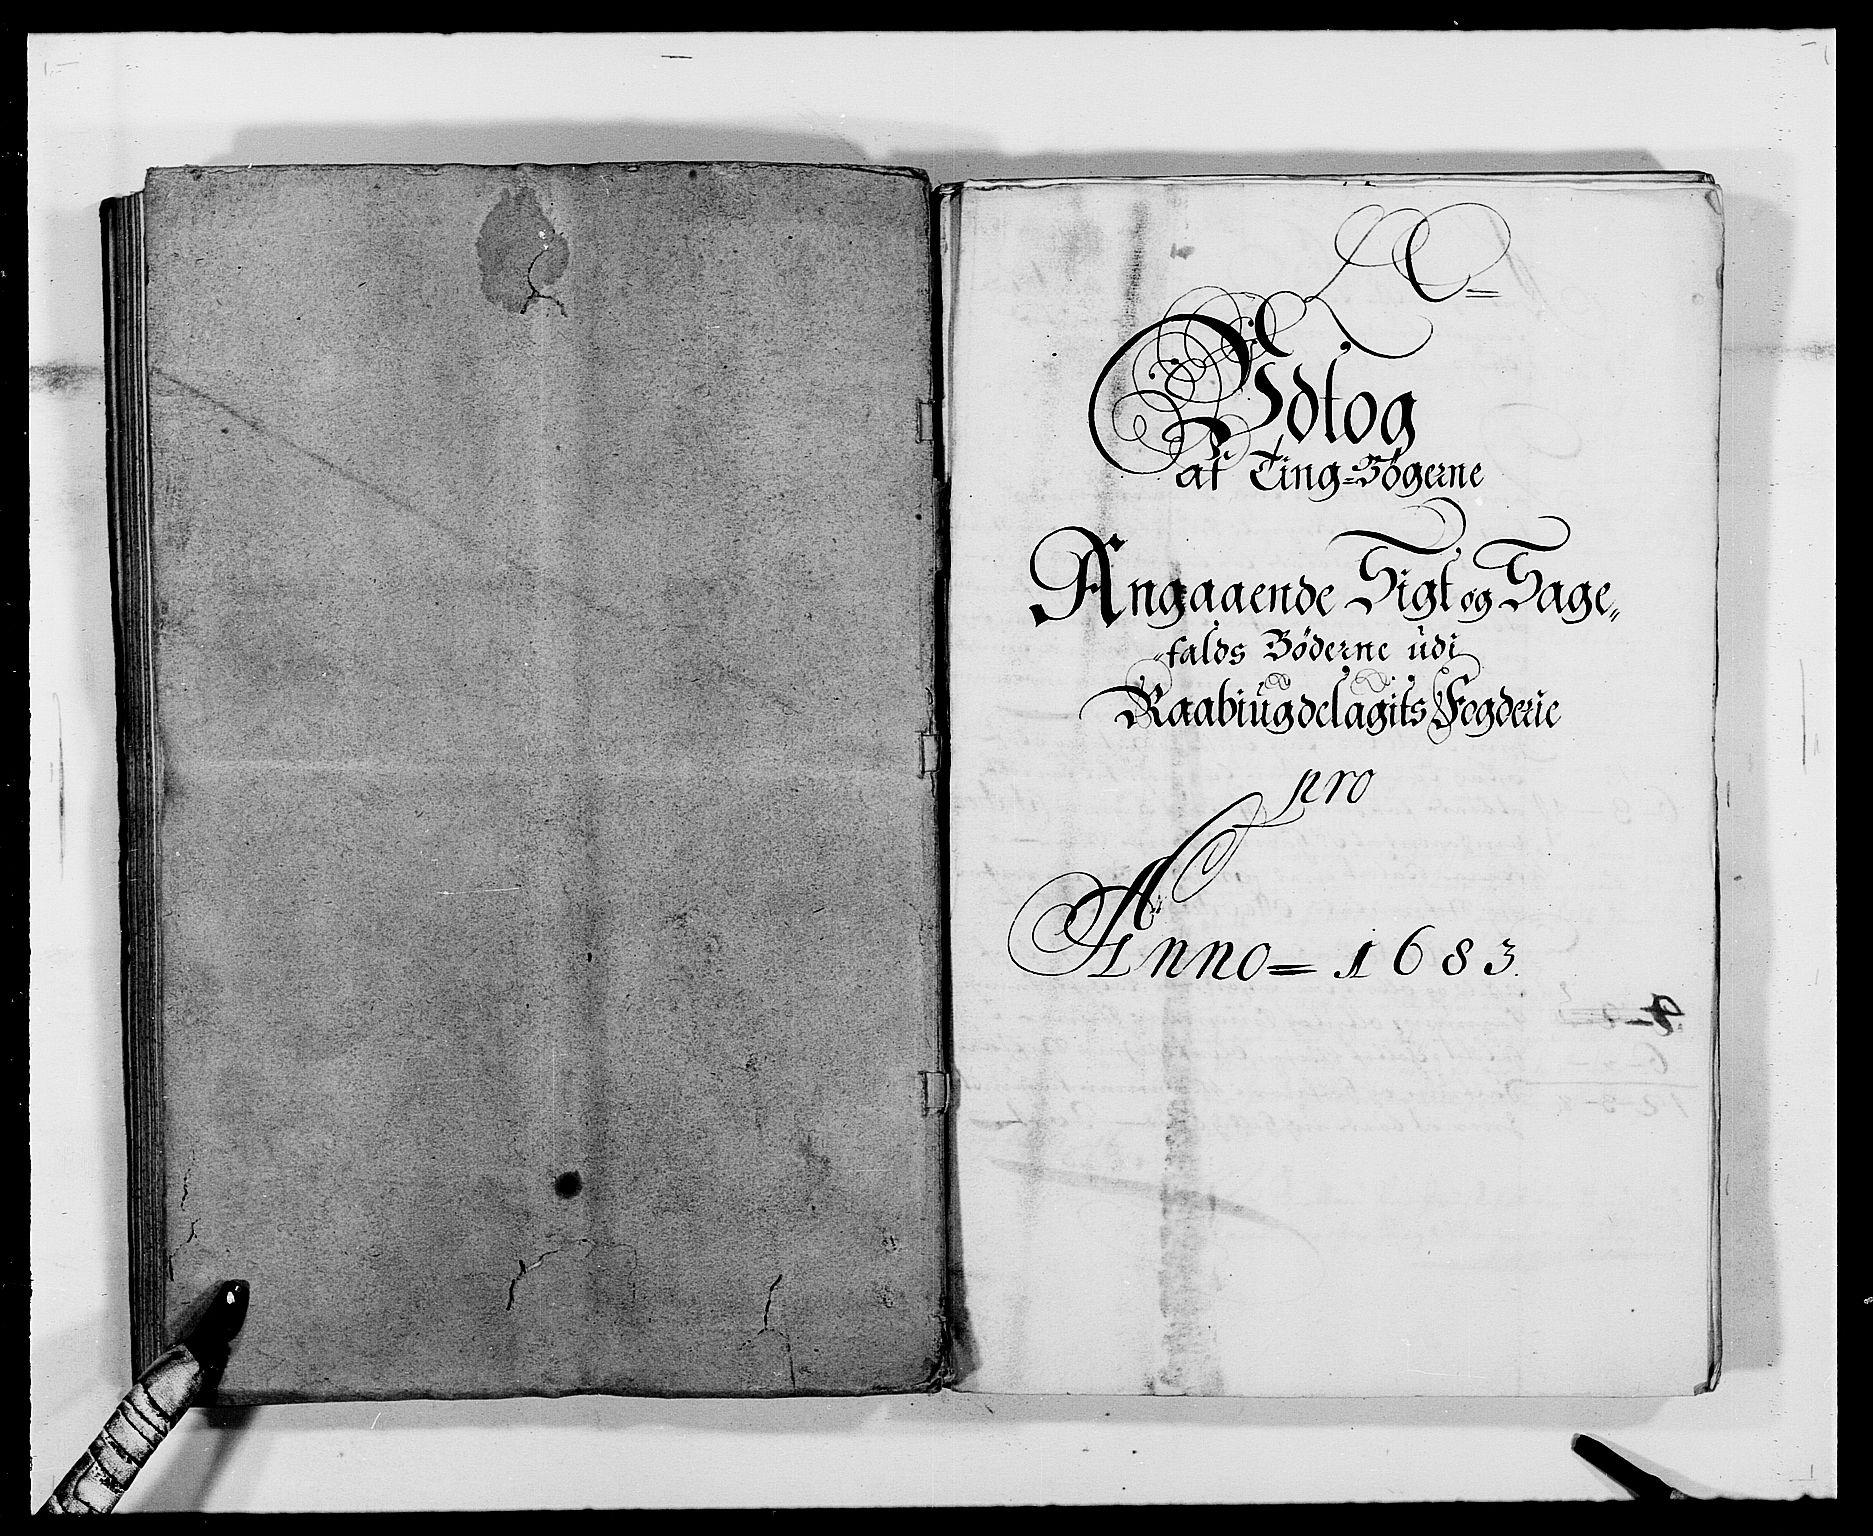 RA, Rentekammeret inntil 1814, Reviderte regnskaper, Fogderegnskap, R40/L2438: Fogderegnskap Råbyggelag, 1682-1683, s. 276